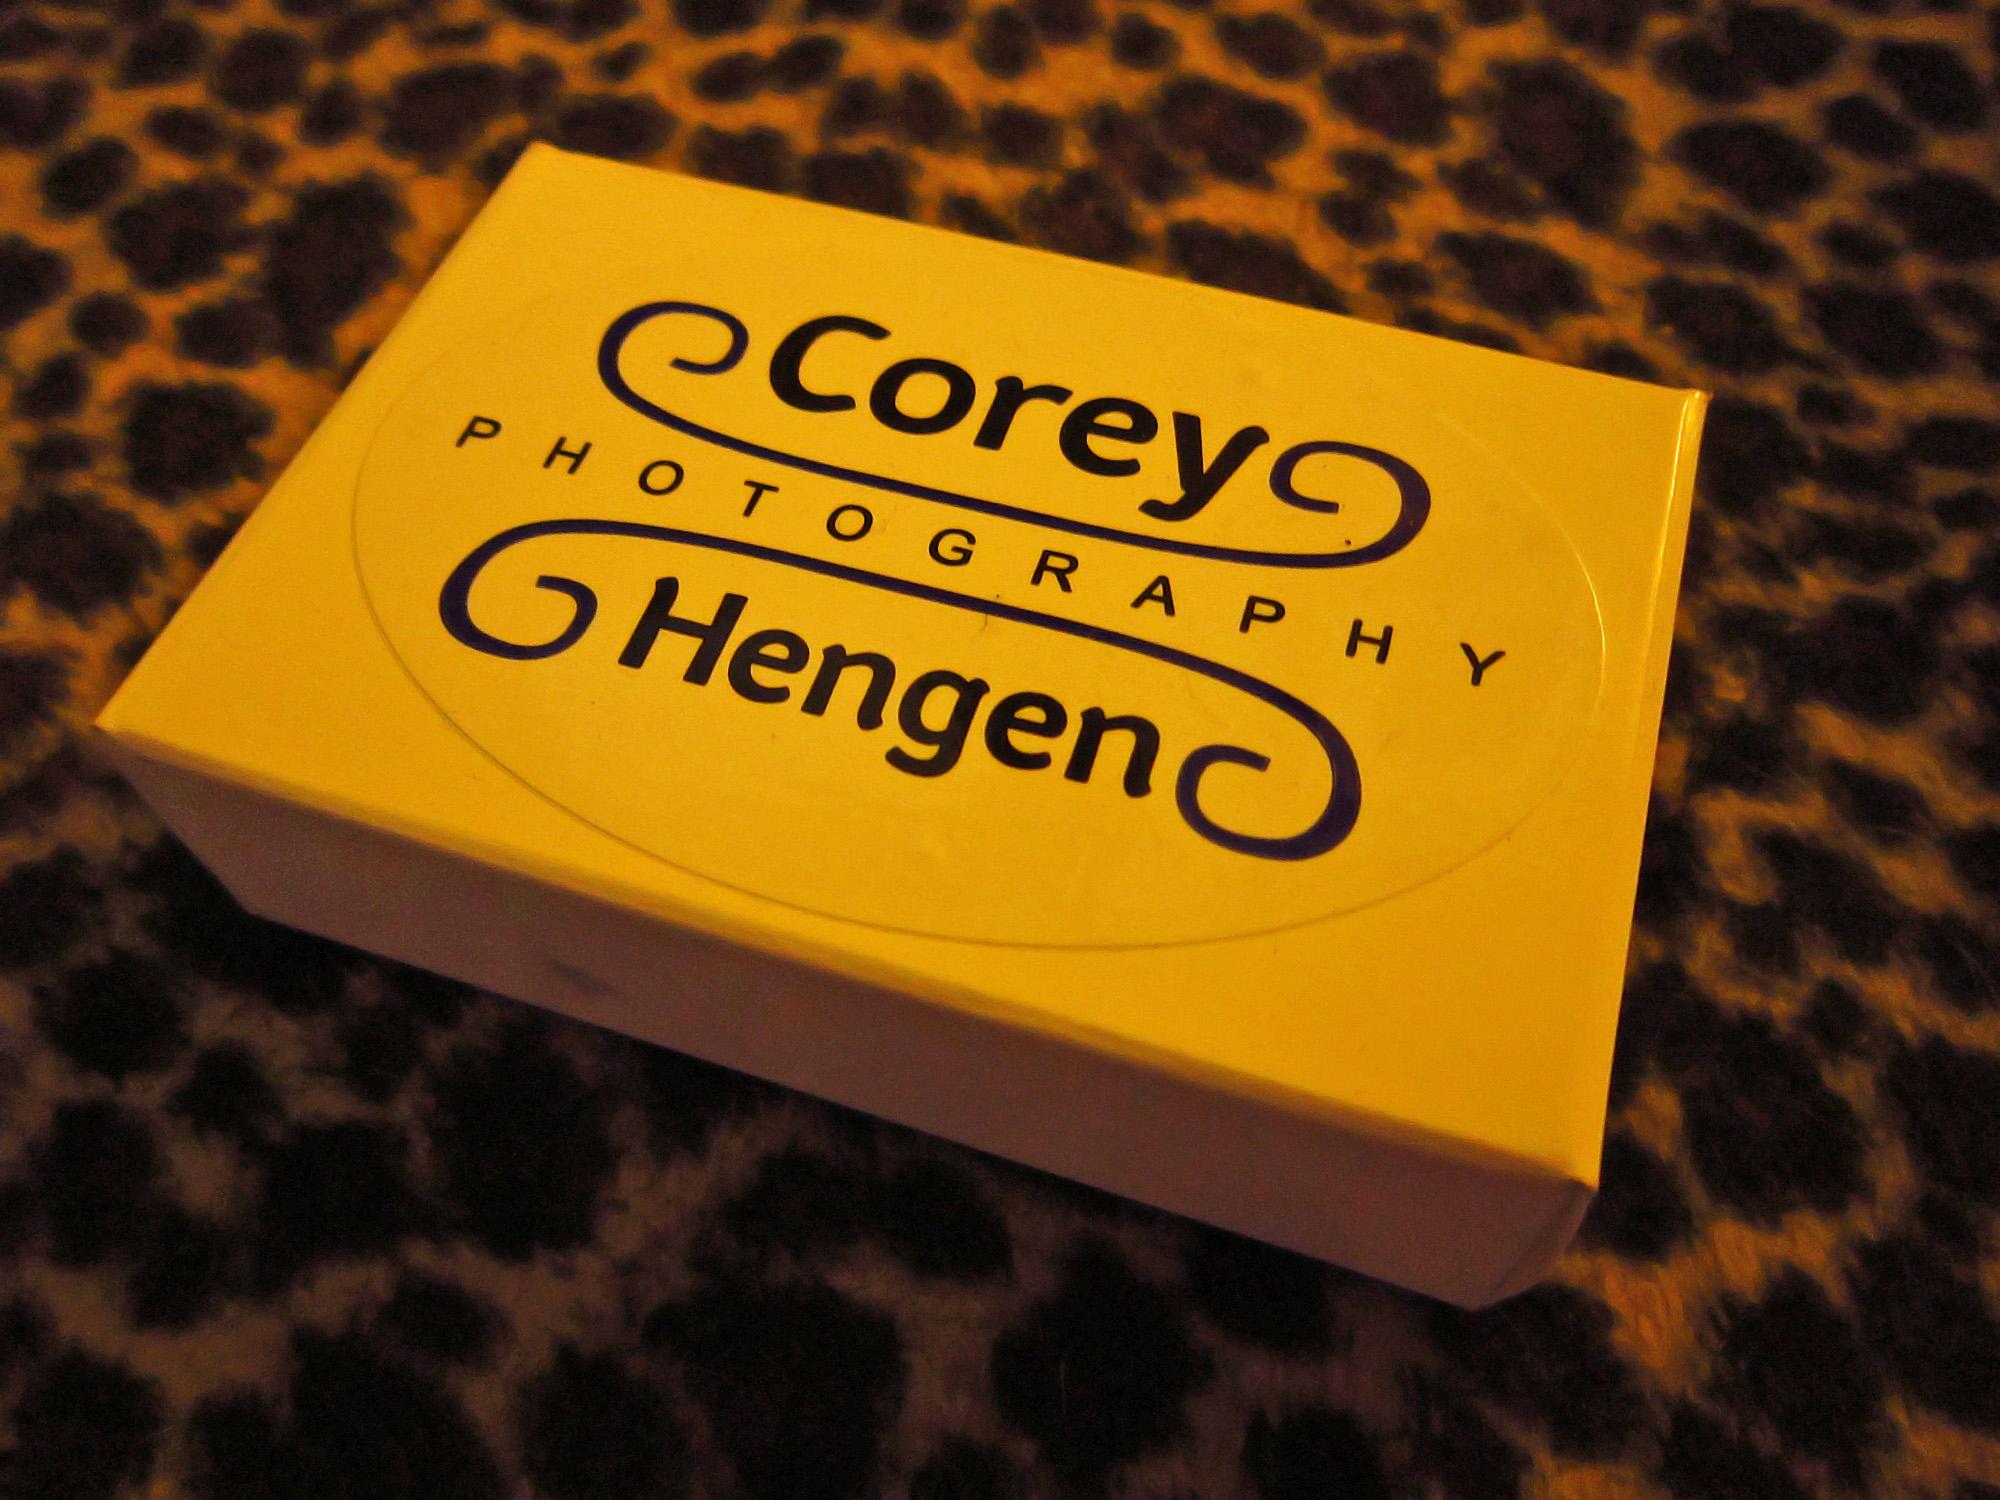 Corey Hengen